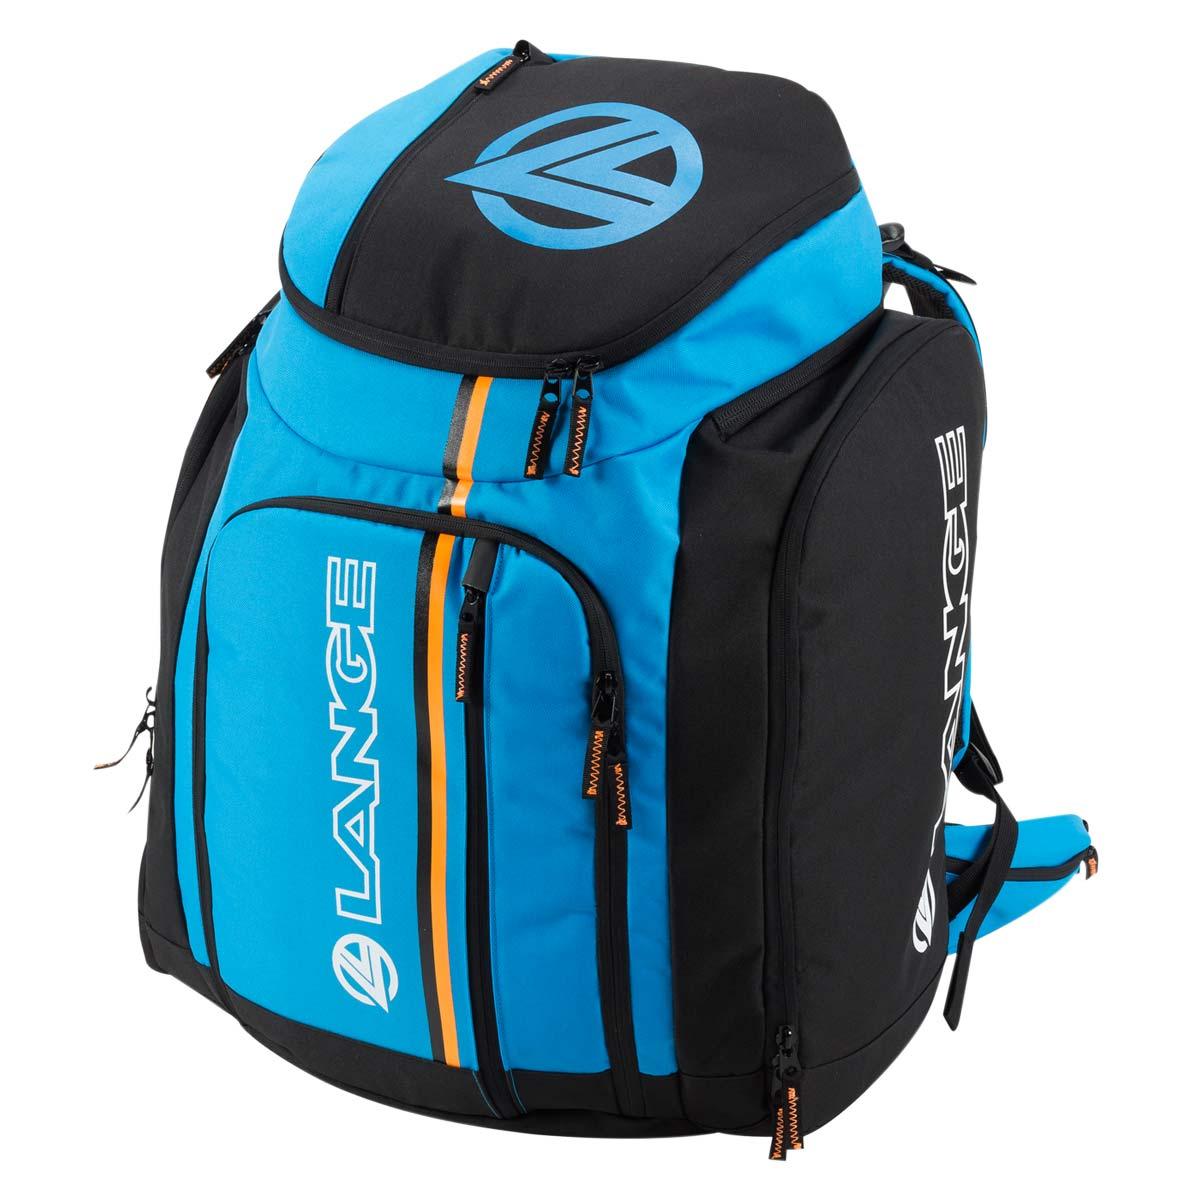 Lange Racer Bag Luggage On Sale Powder7 Ski Shop